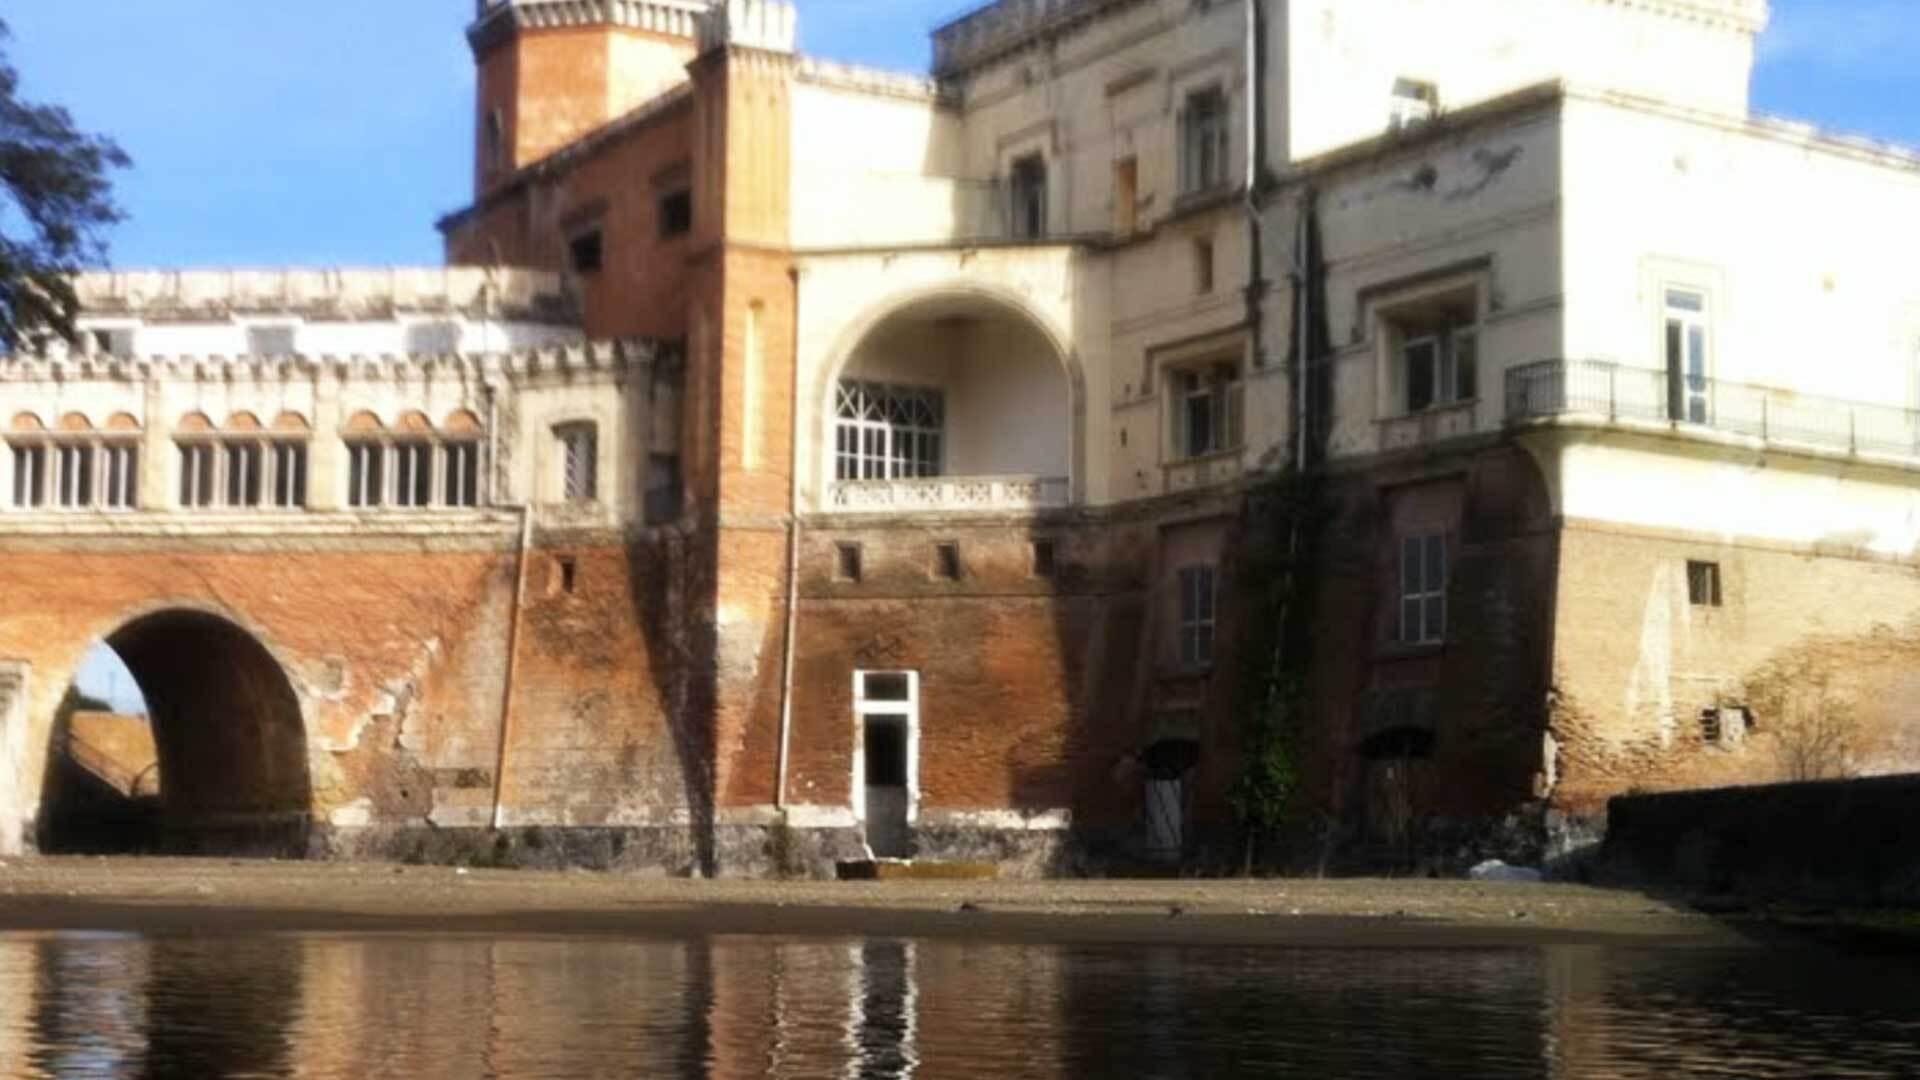 Villa Rocca Matilde, dimora di illustri personaggi